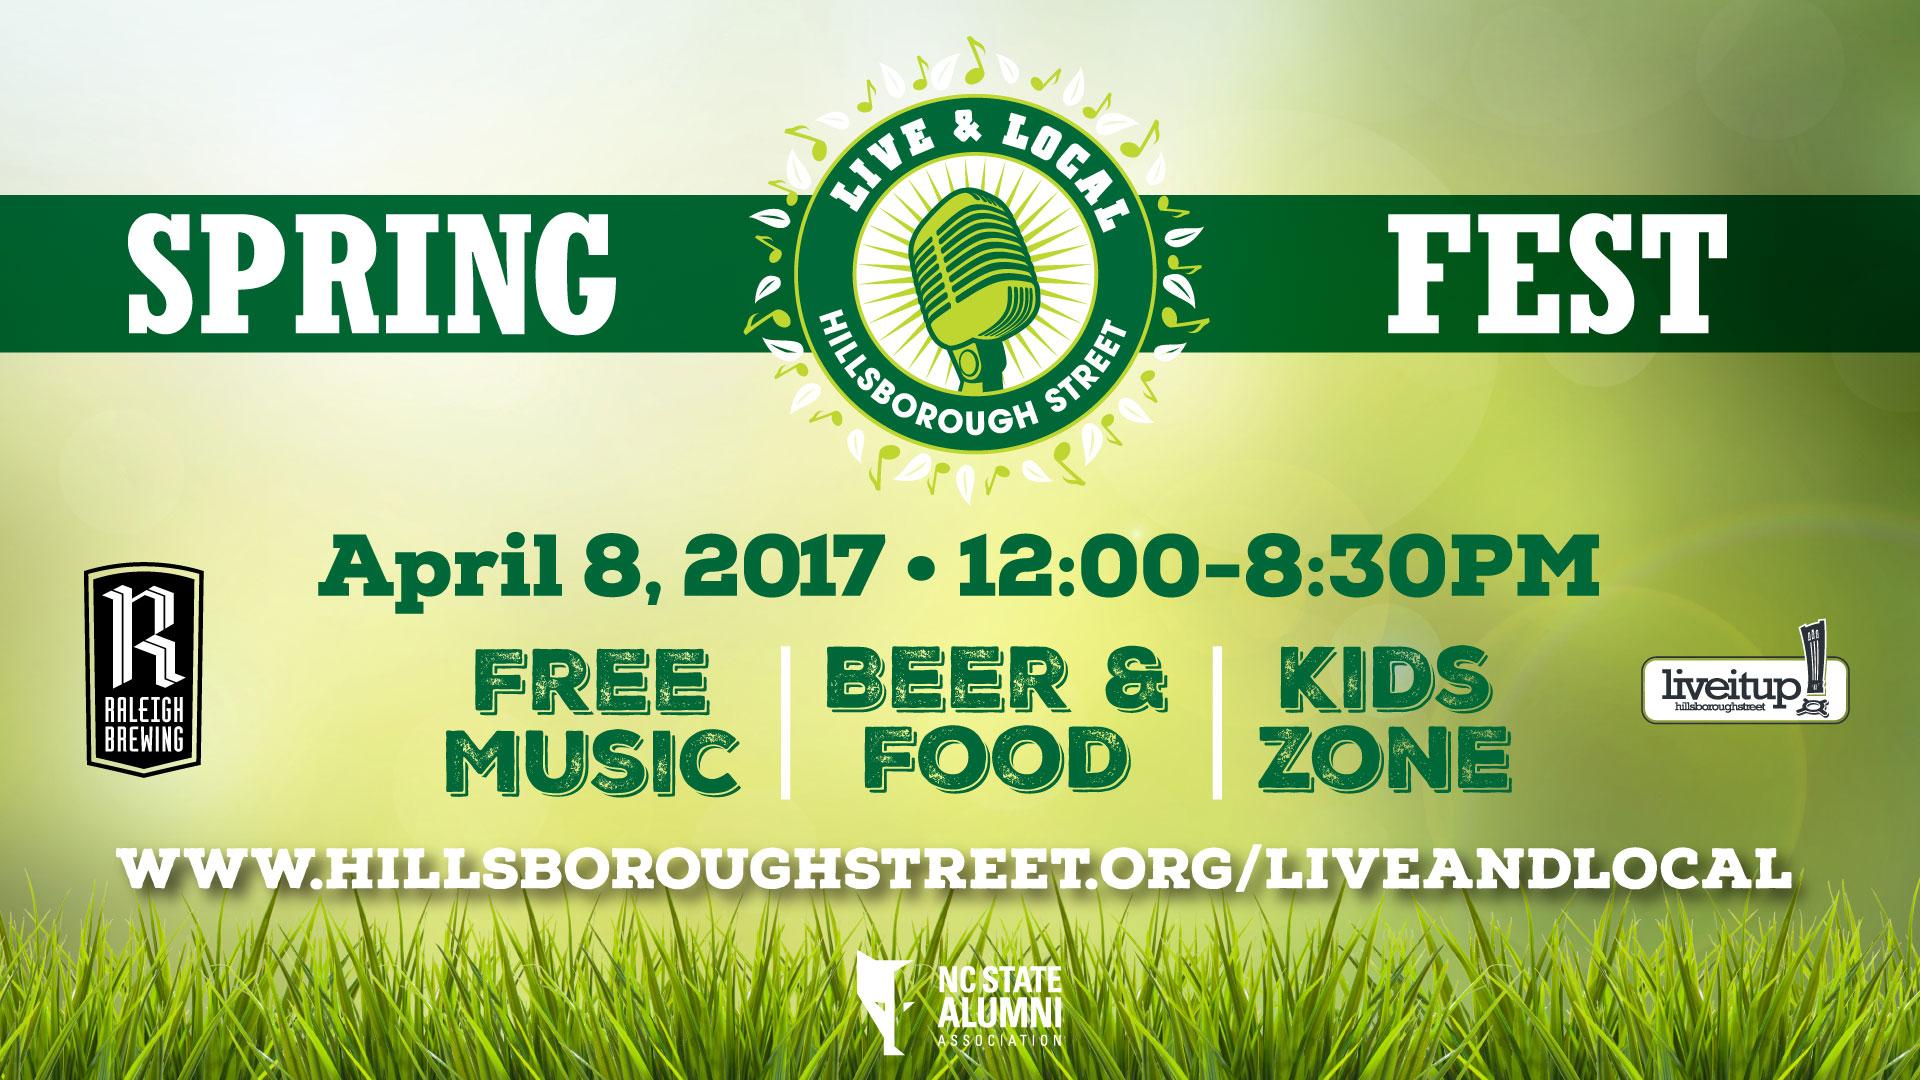 Spring Fest on Hillsborough Street